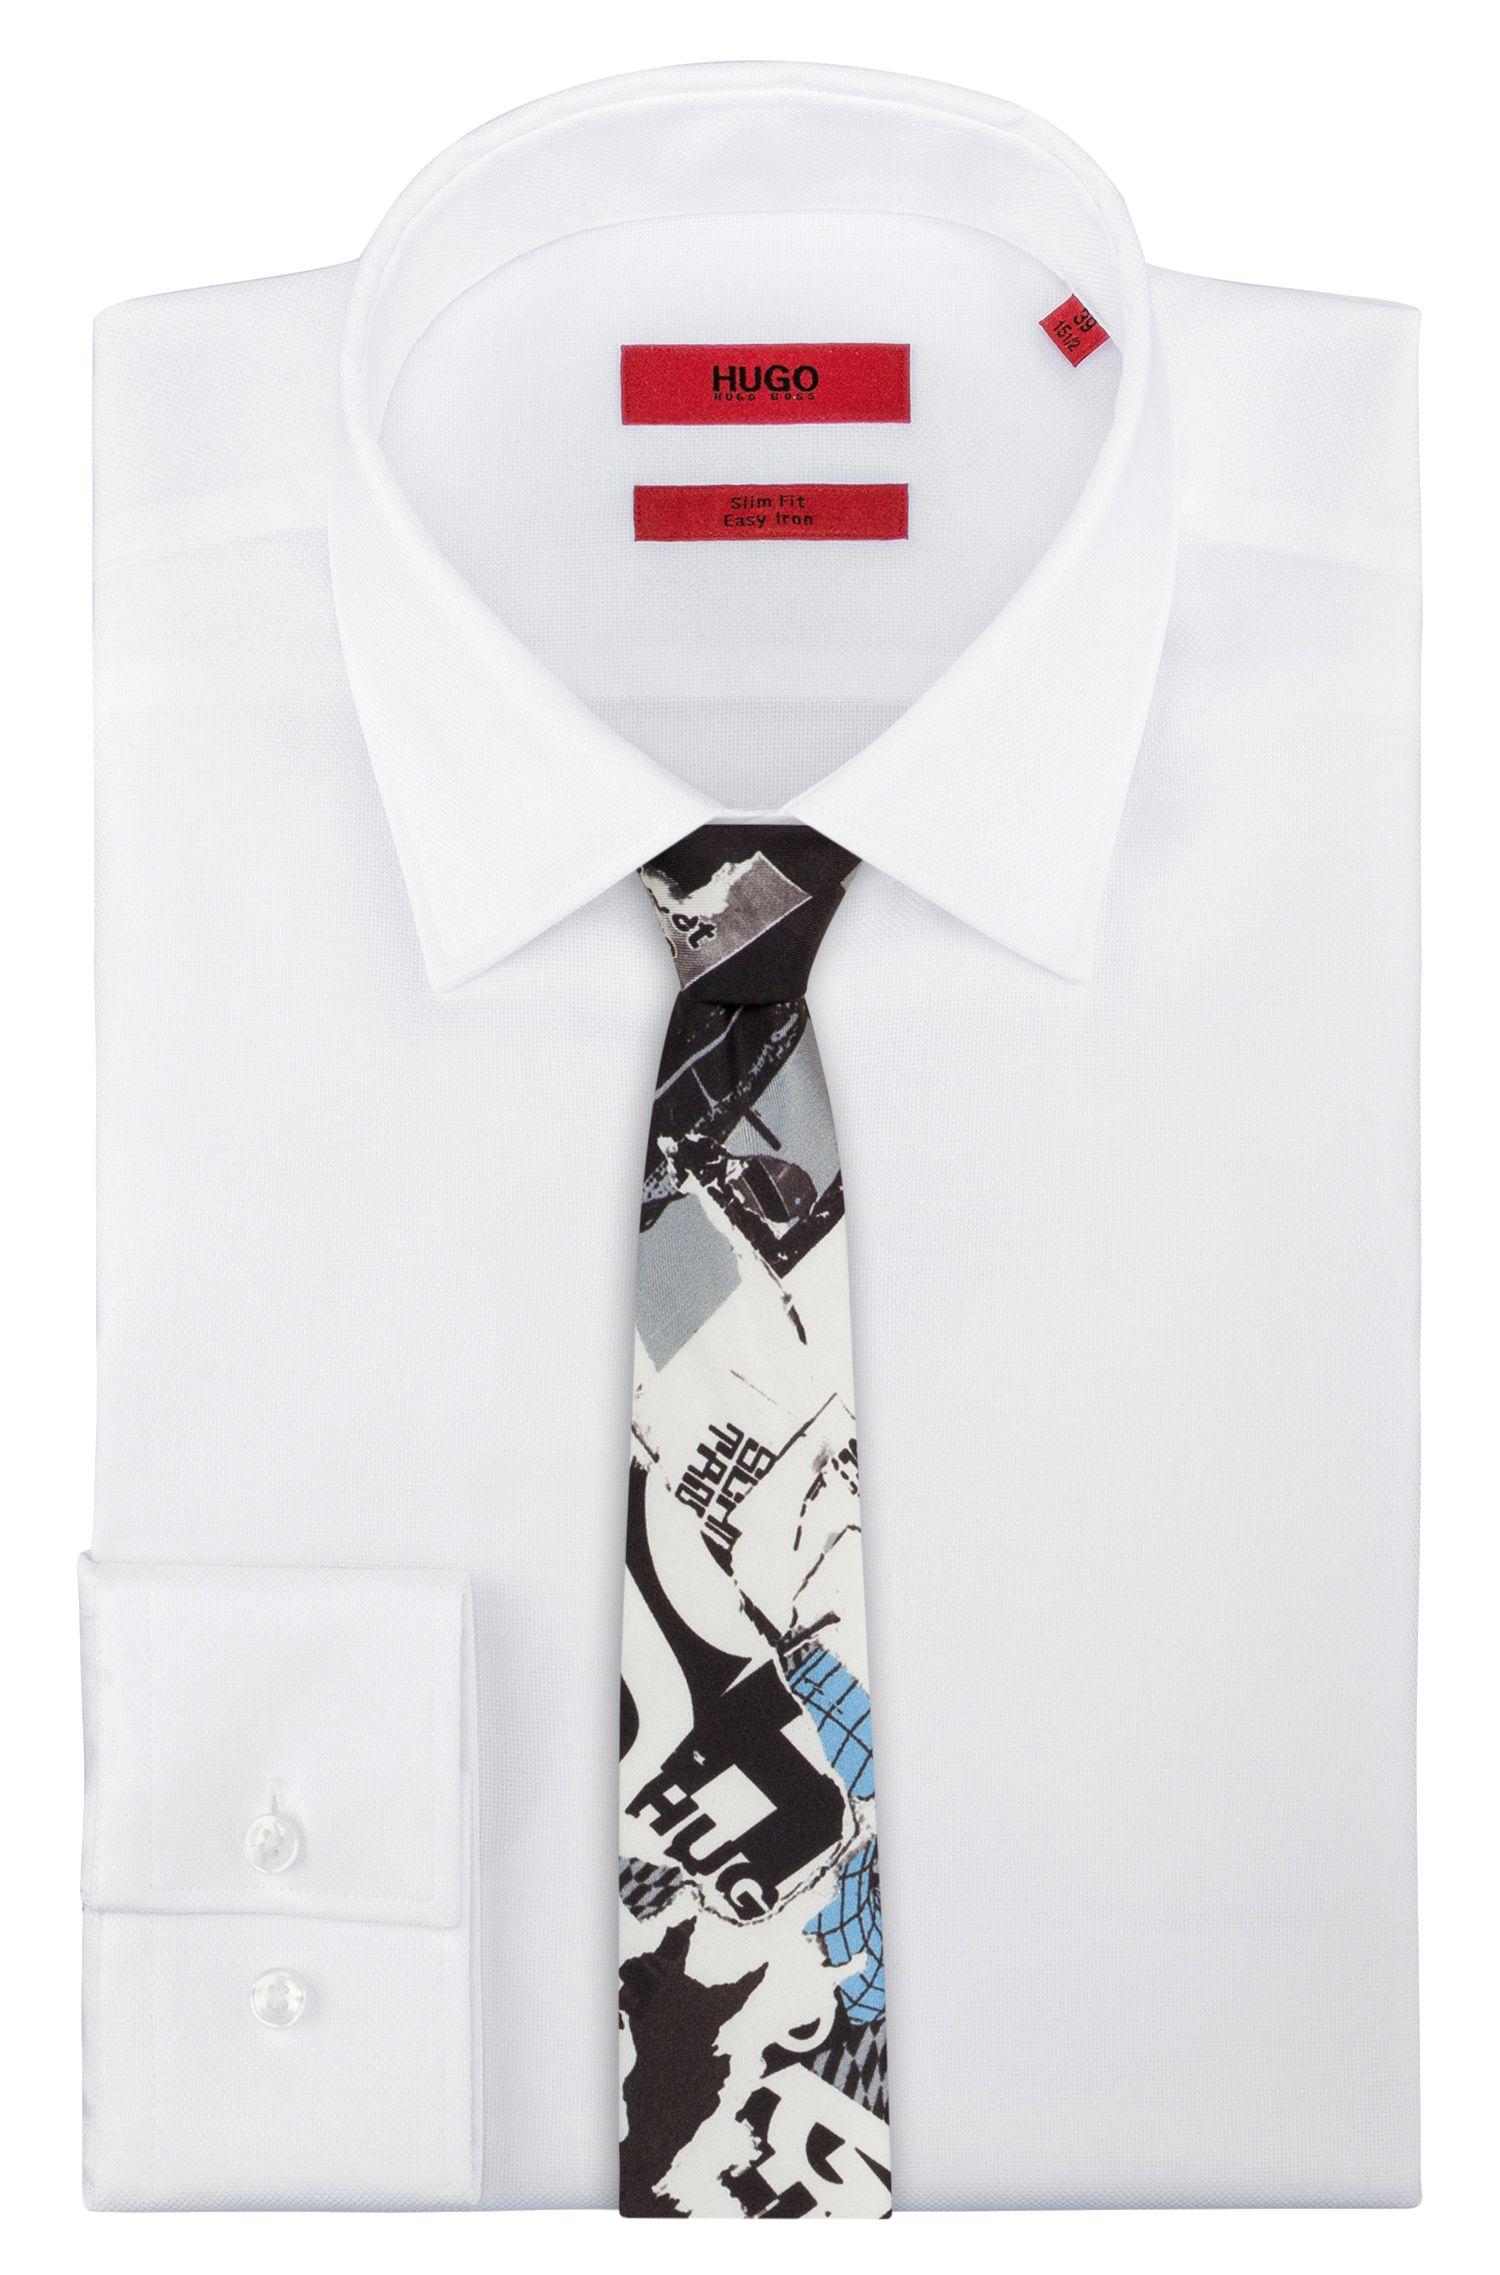 Corbata con estampado gráfico en sarga de seda pura, Fantasía